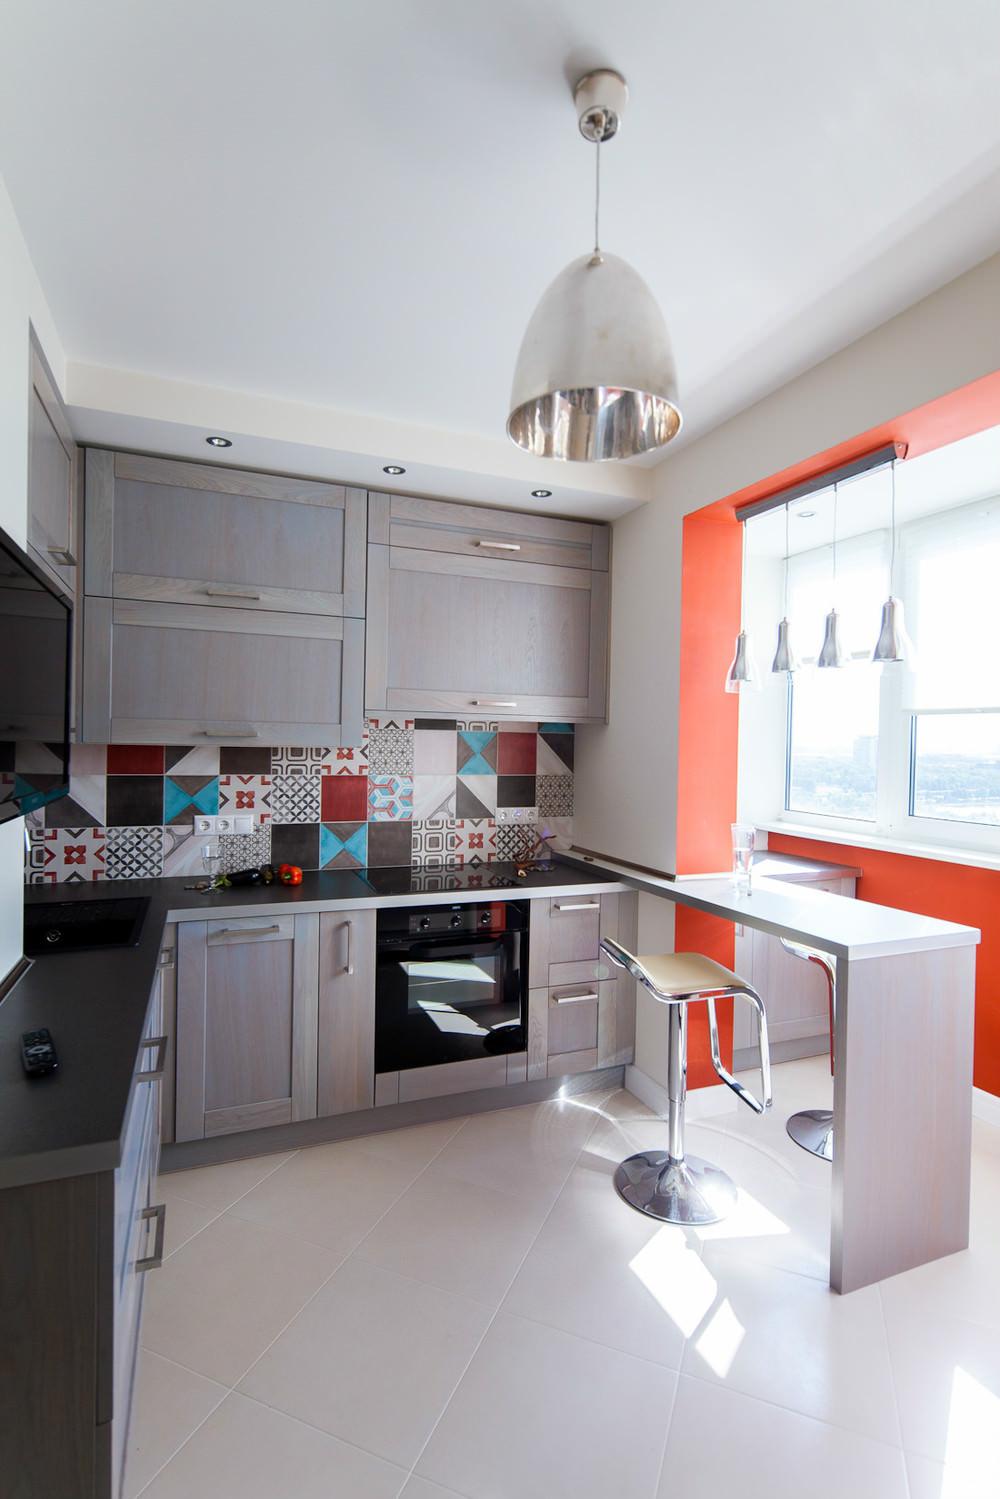 Кухня 18 кв м, совмещенная с балконом